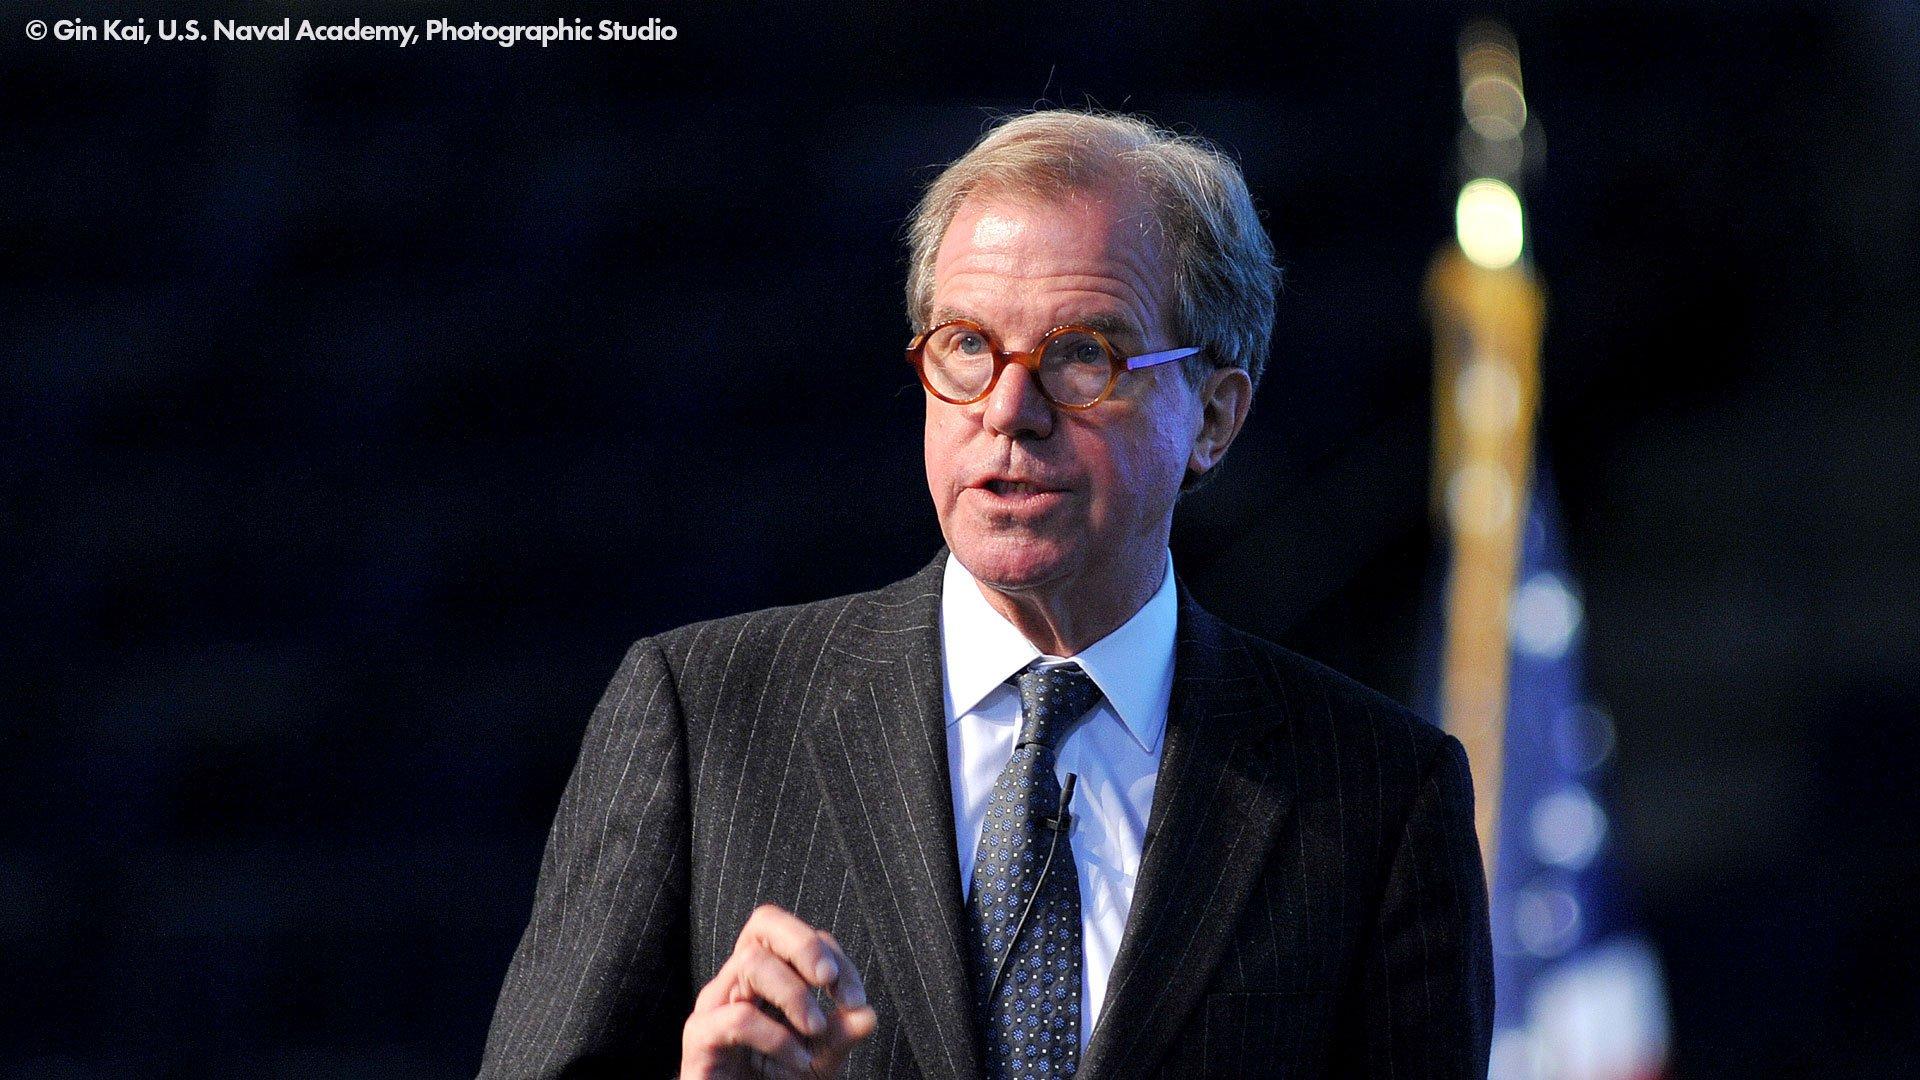 Nicholas Negroponte MIT